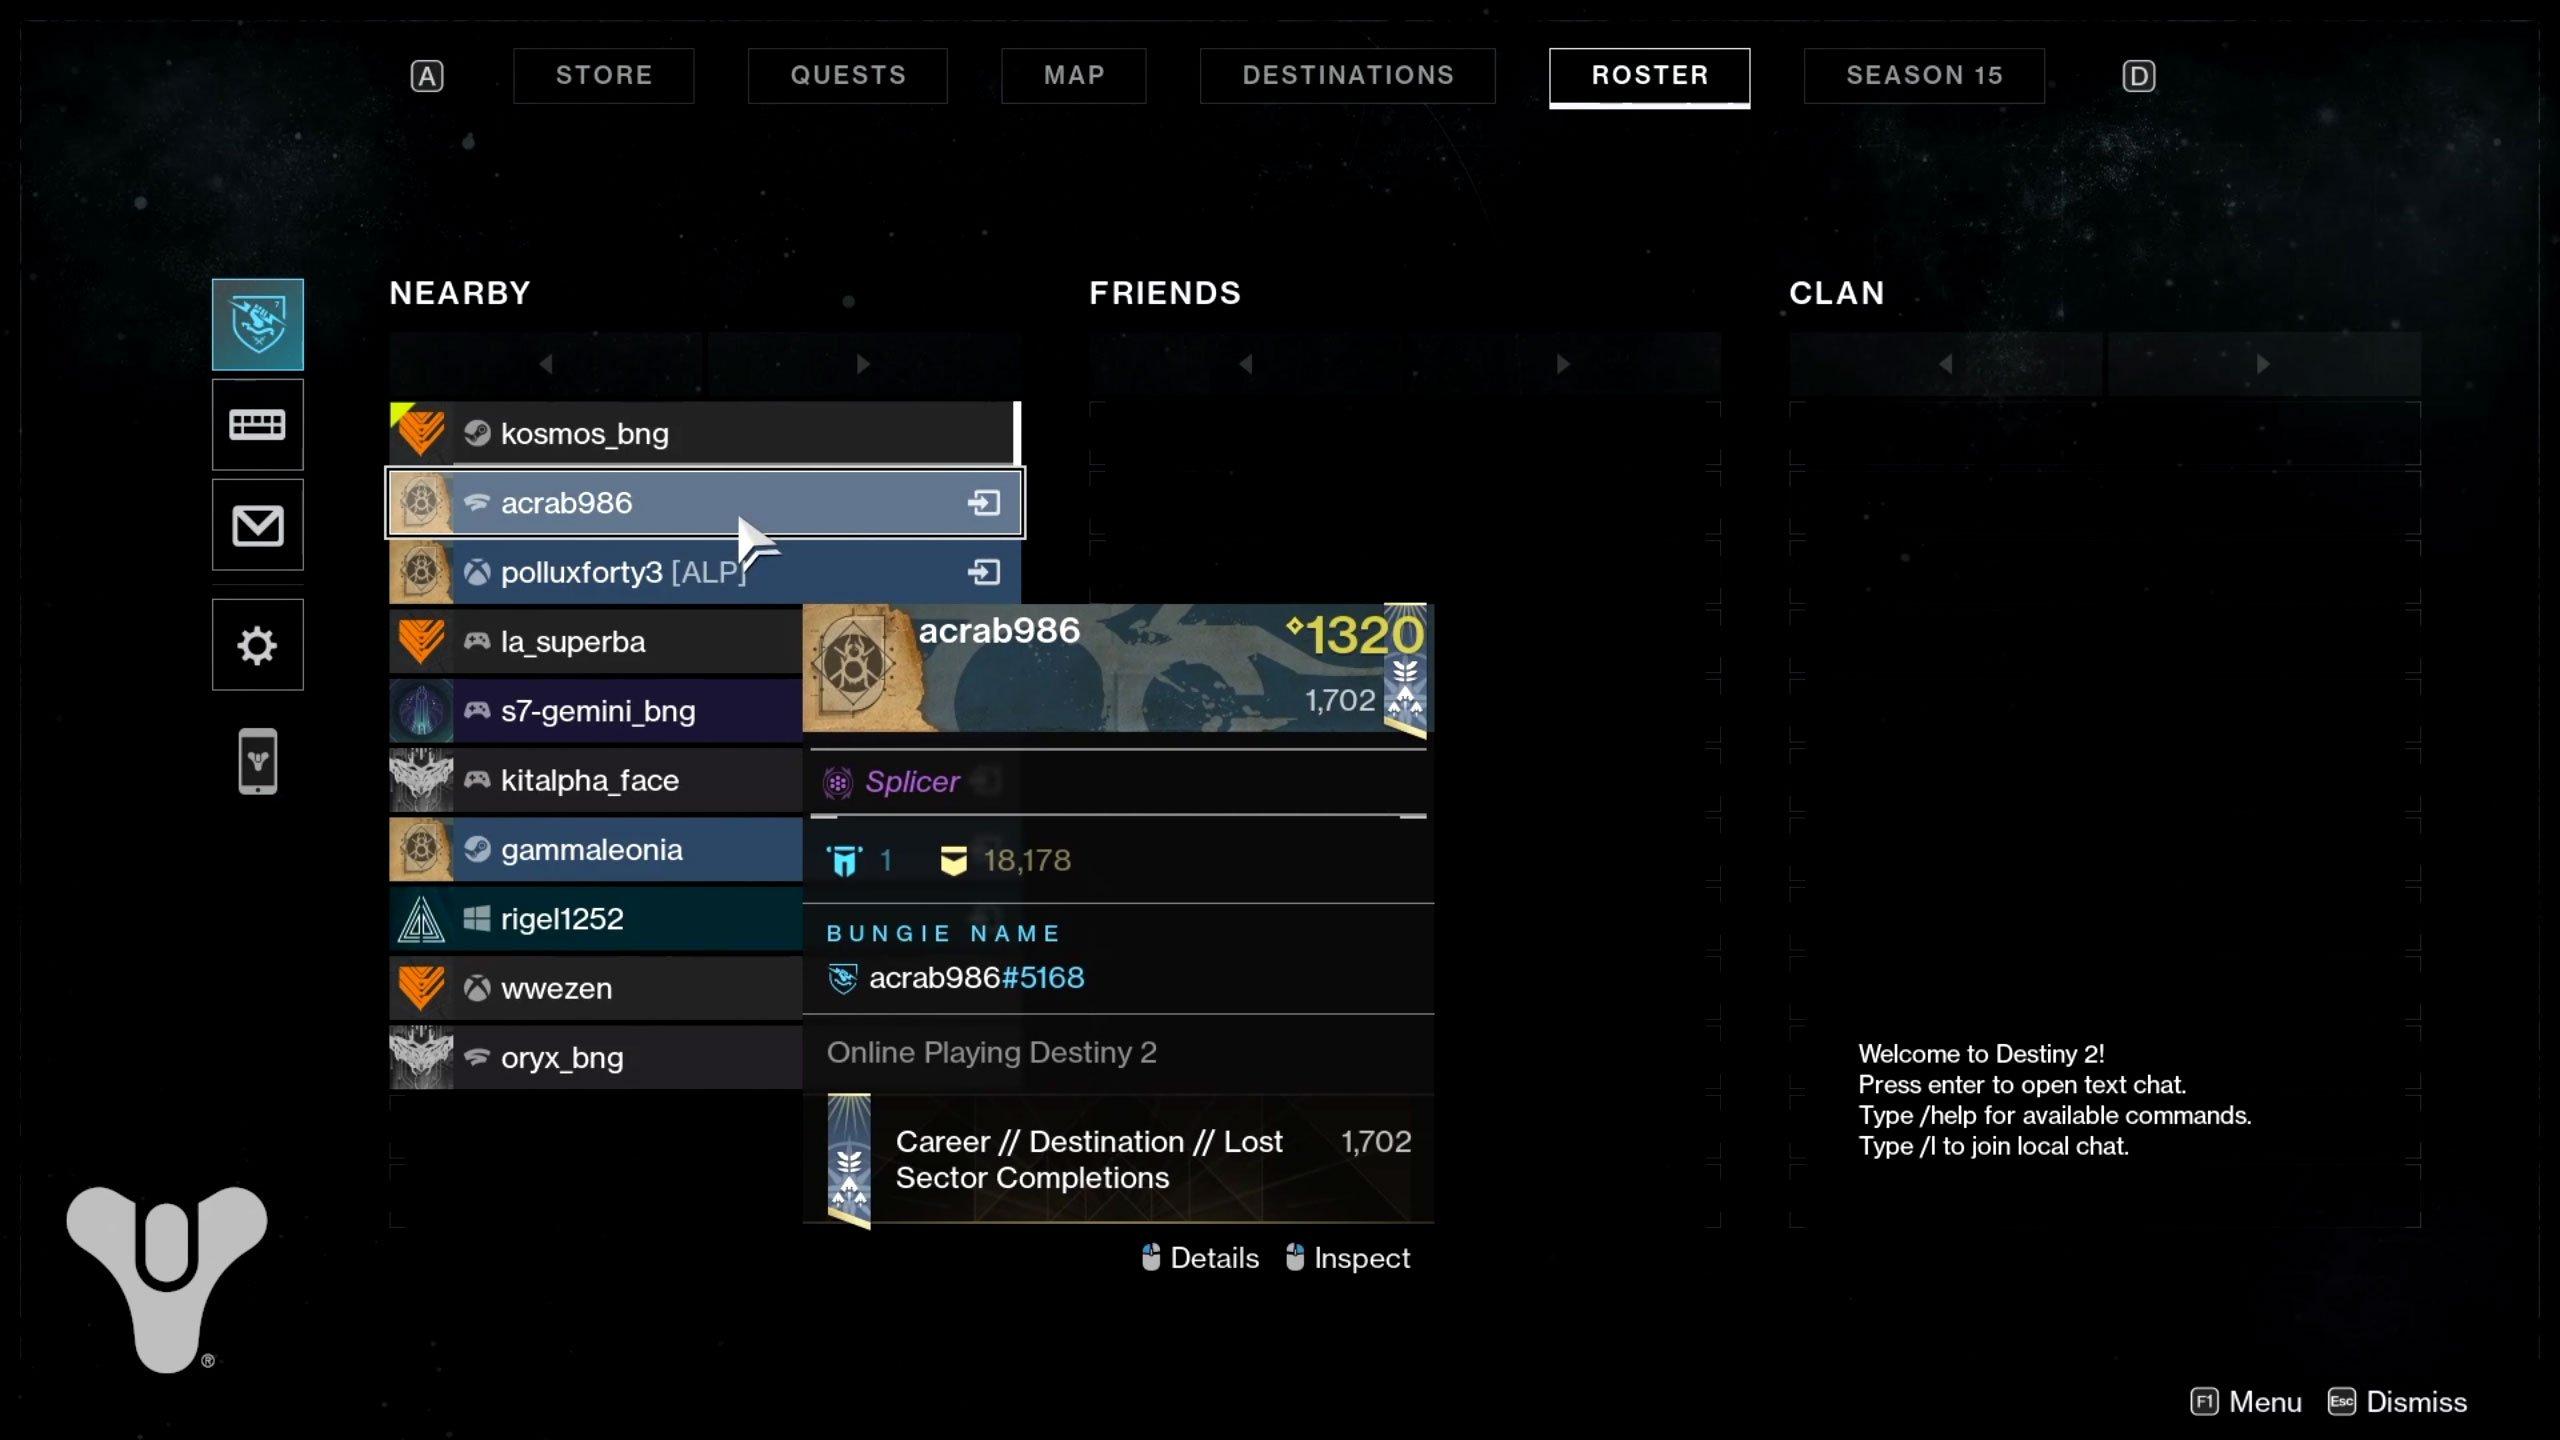 destiny 2 crossplay invite friend